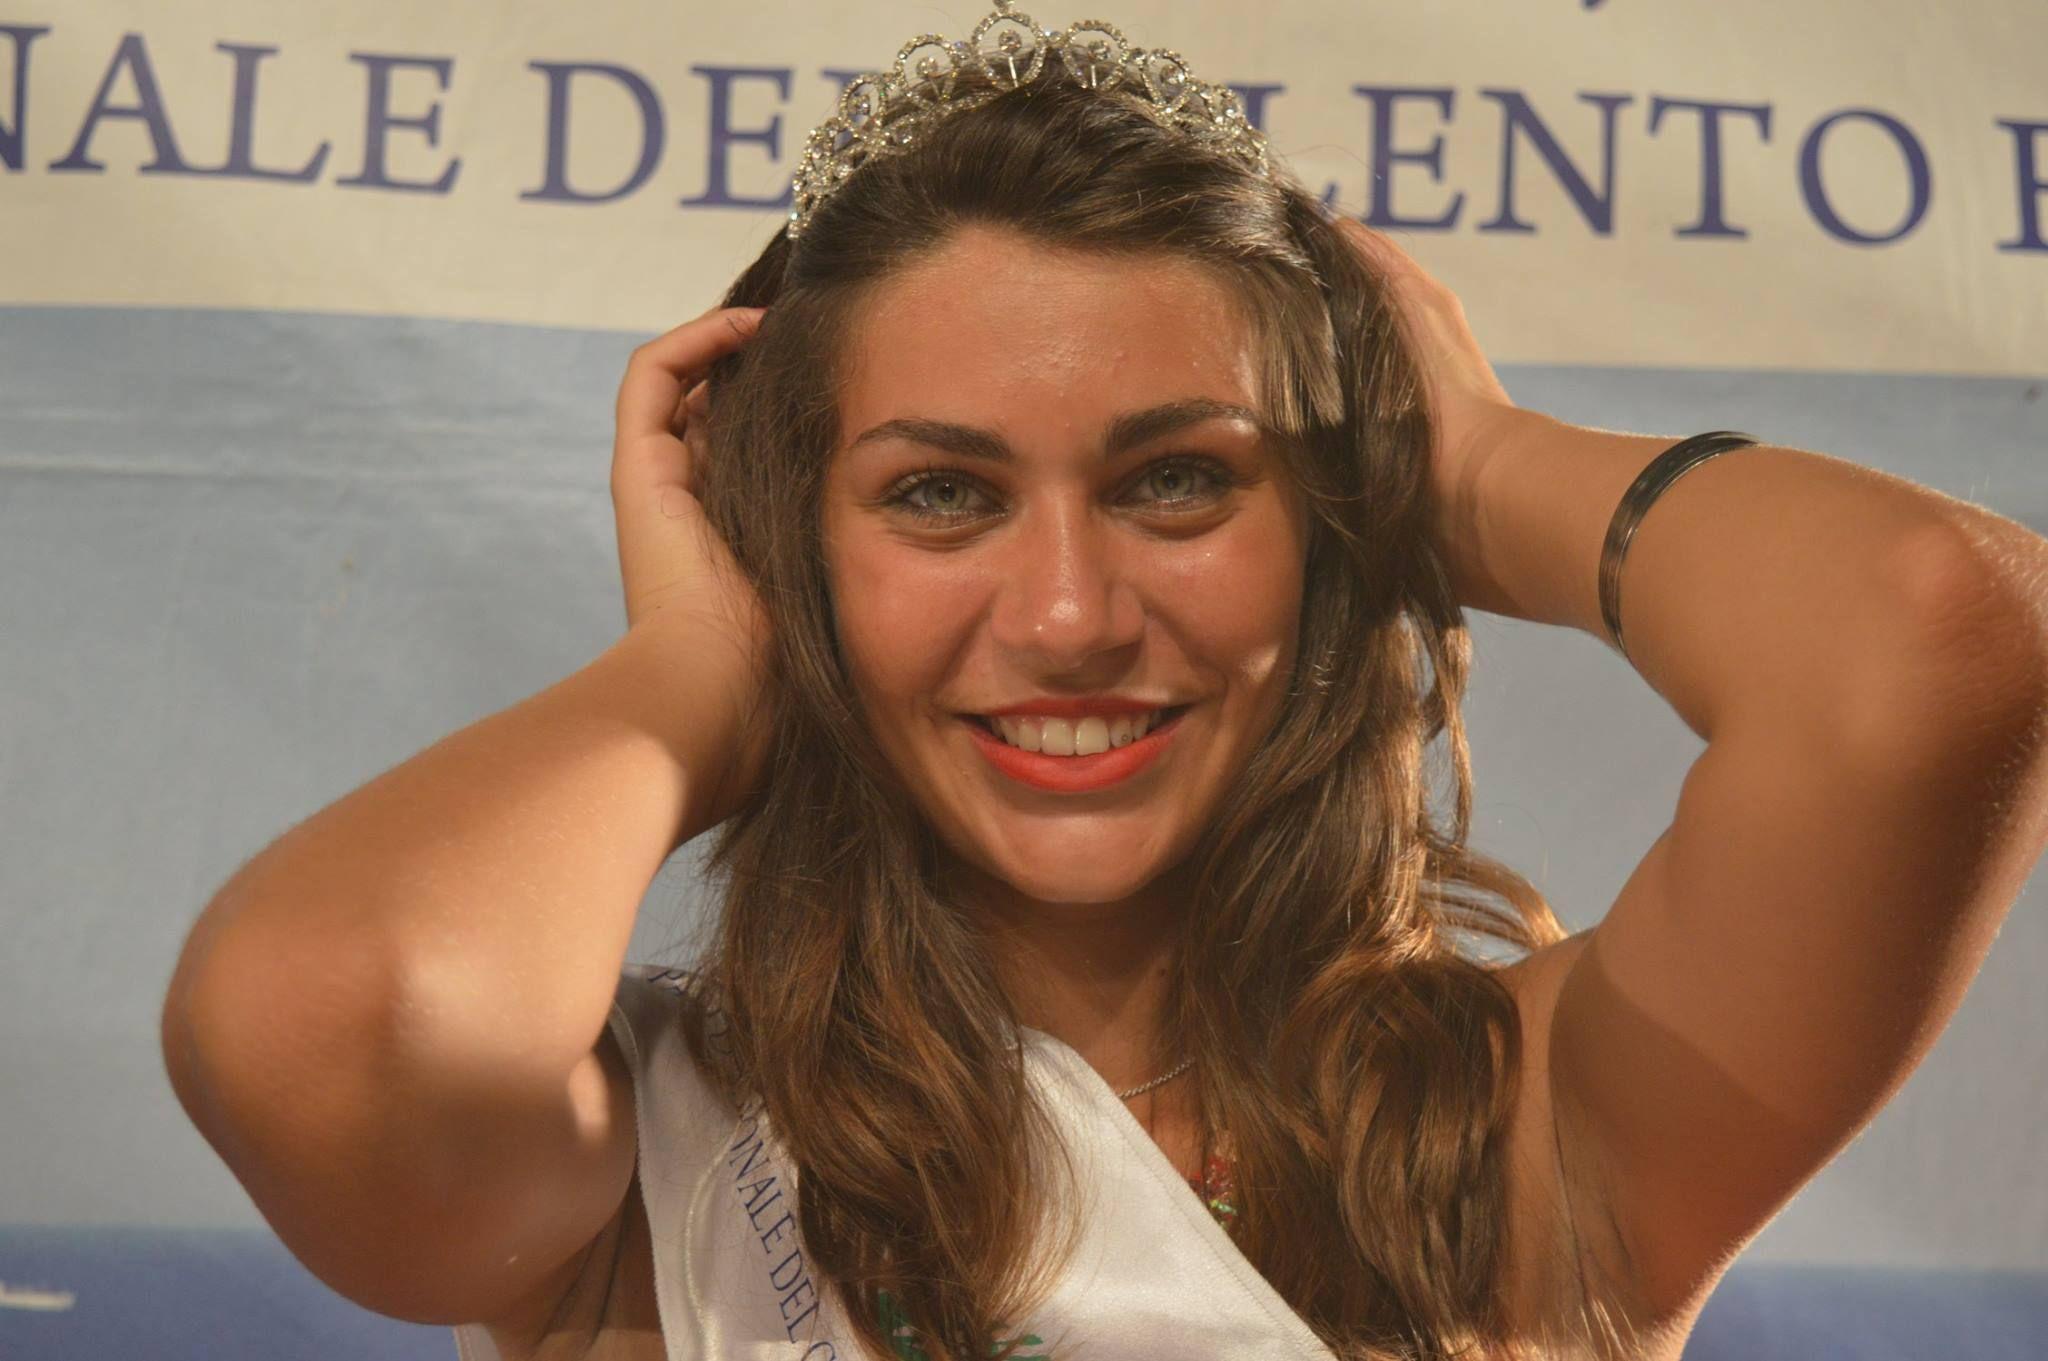 E' di Agropoli la nuova Miss Parco